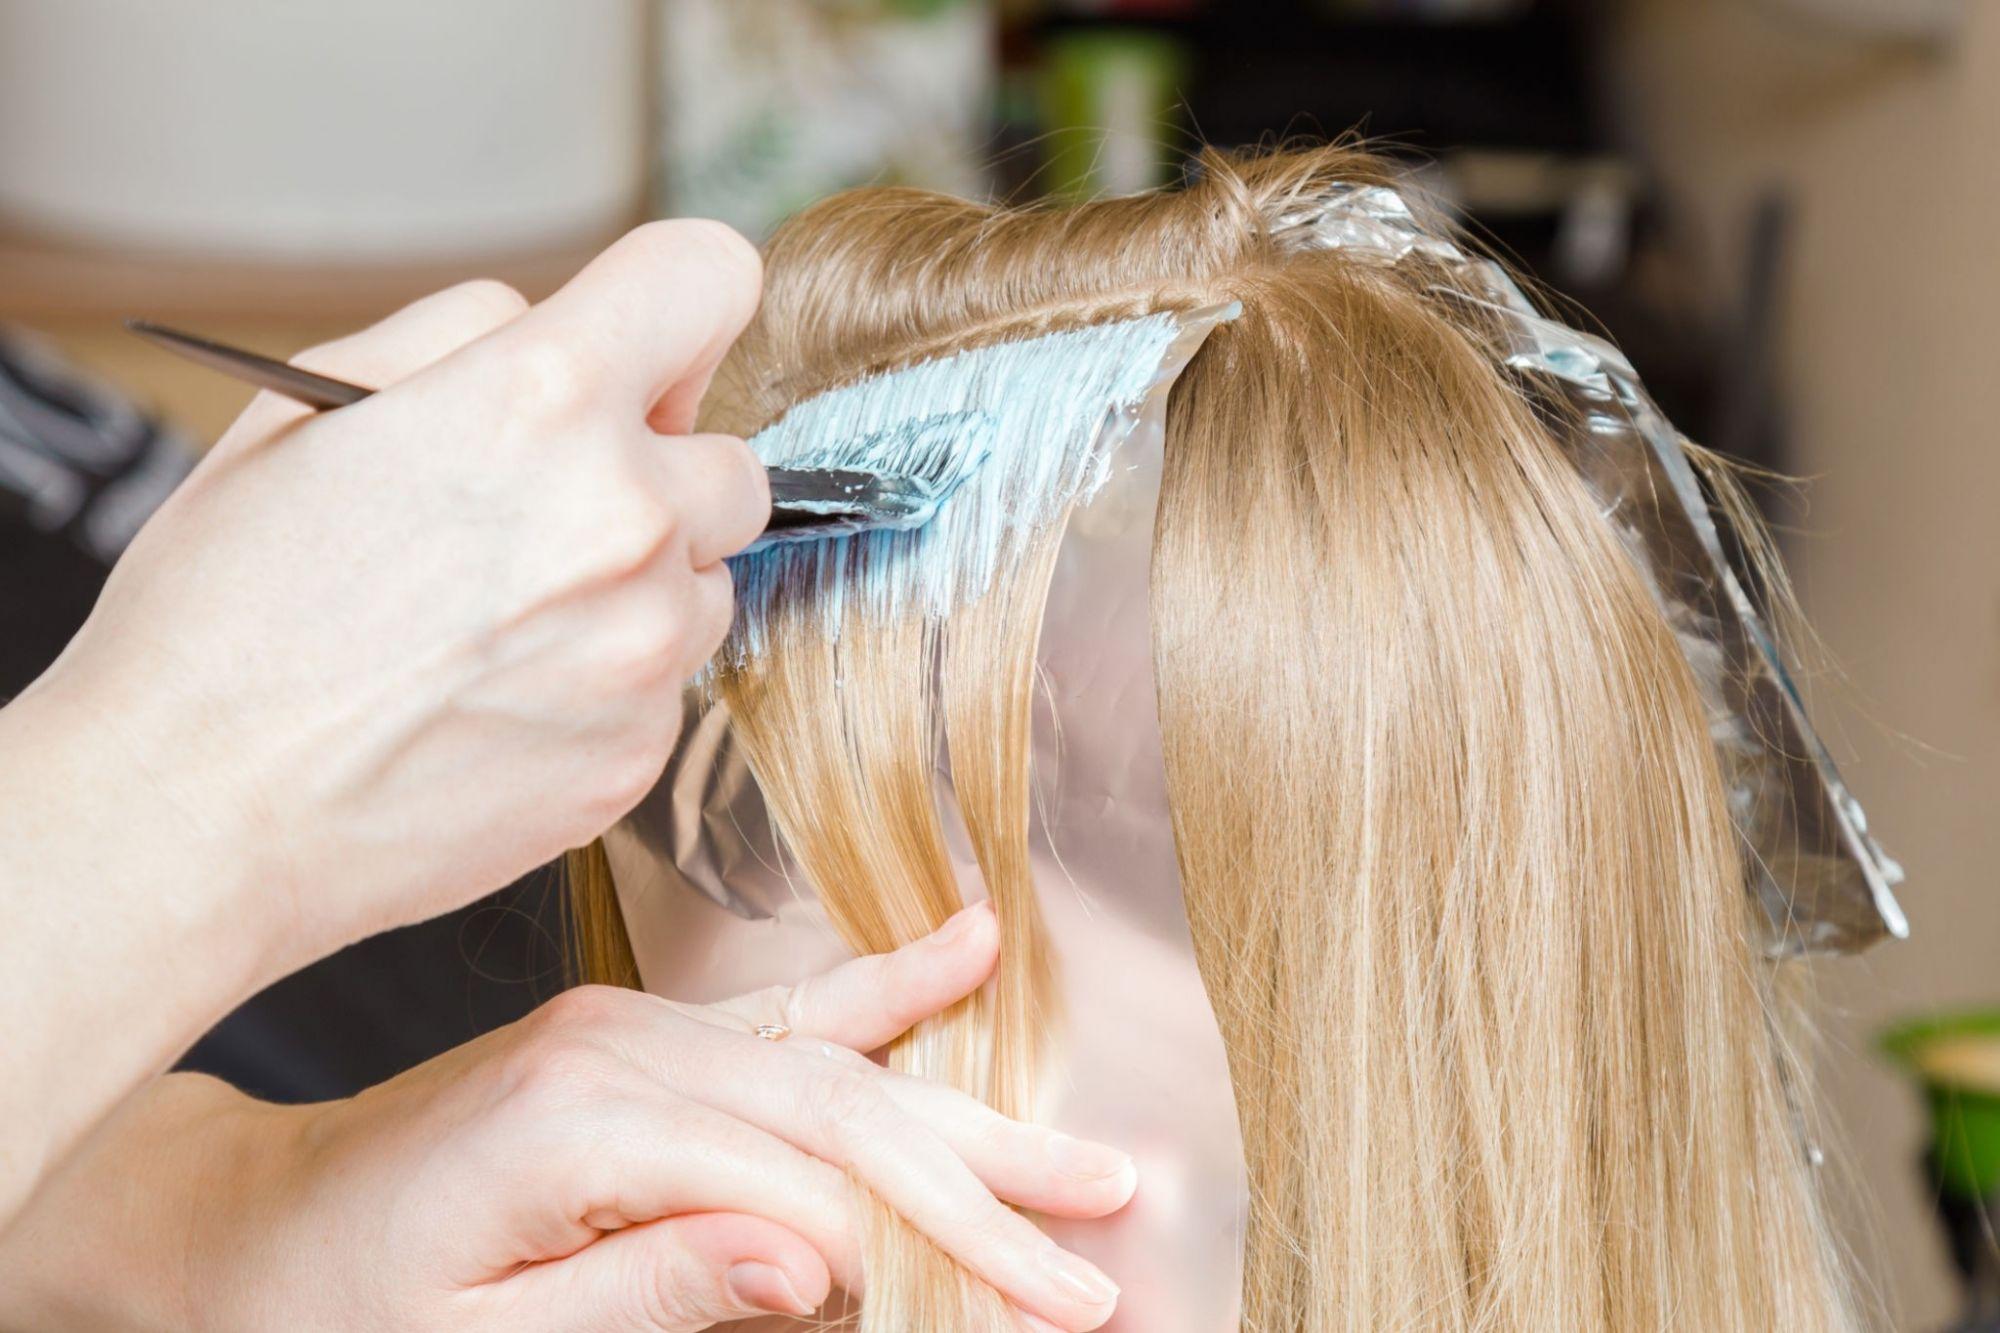 هر آنچه باید در مورد رنگساژ مو باید بدانید